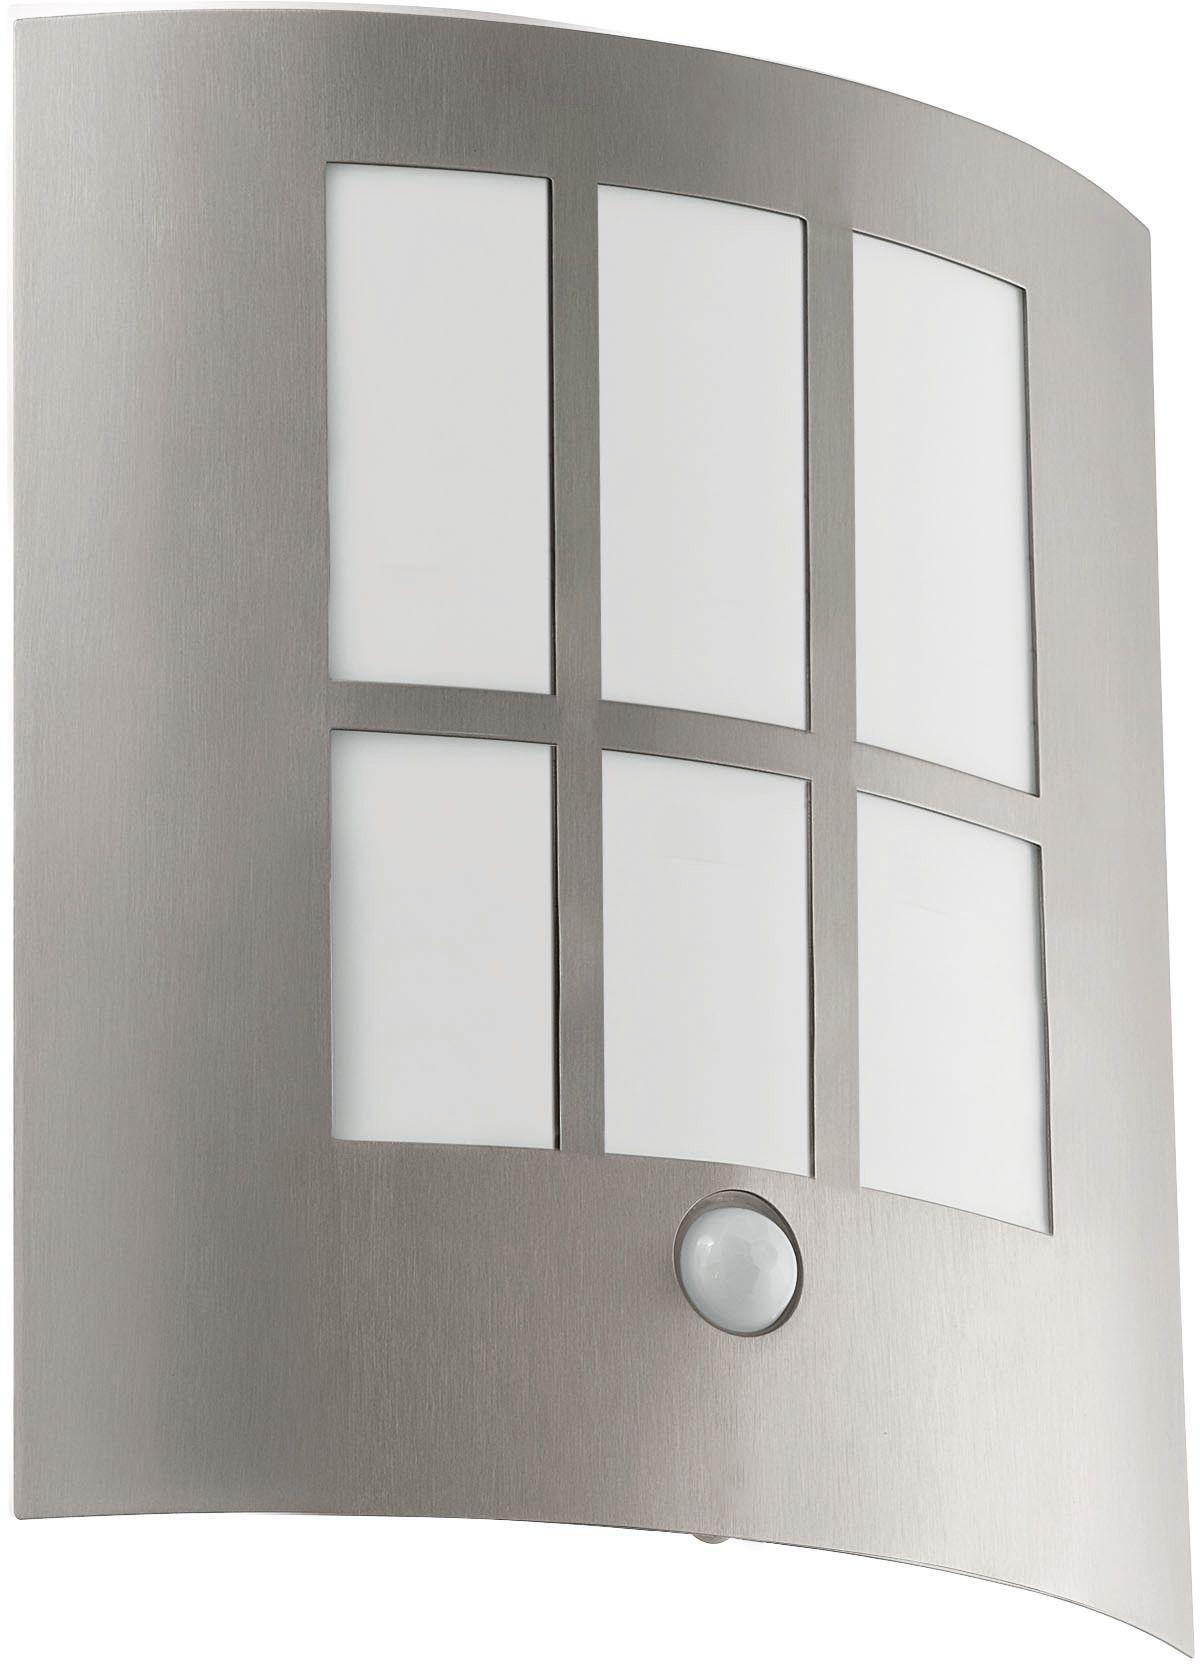 Eglo - City Outdoor LED Sensor Wall Light